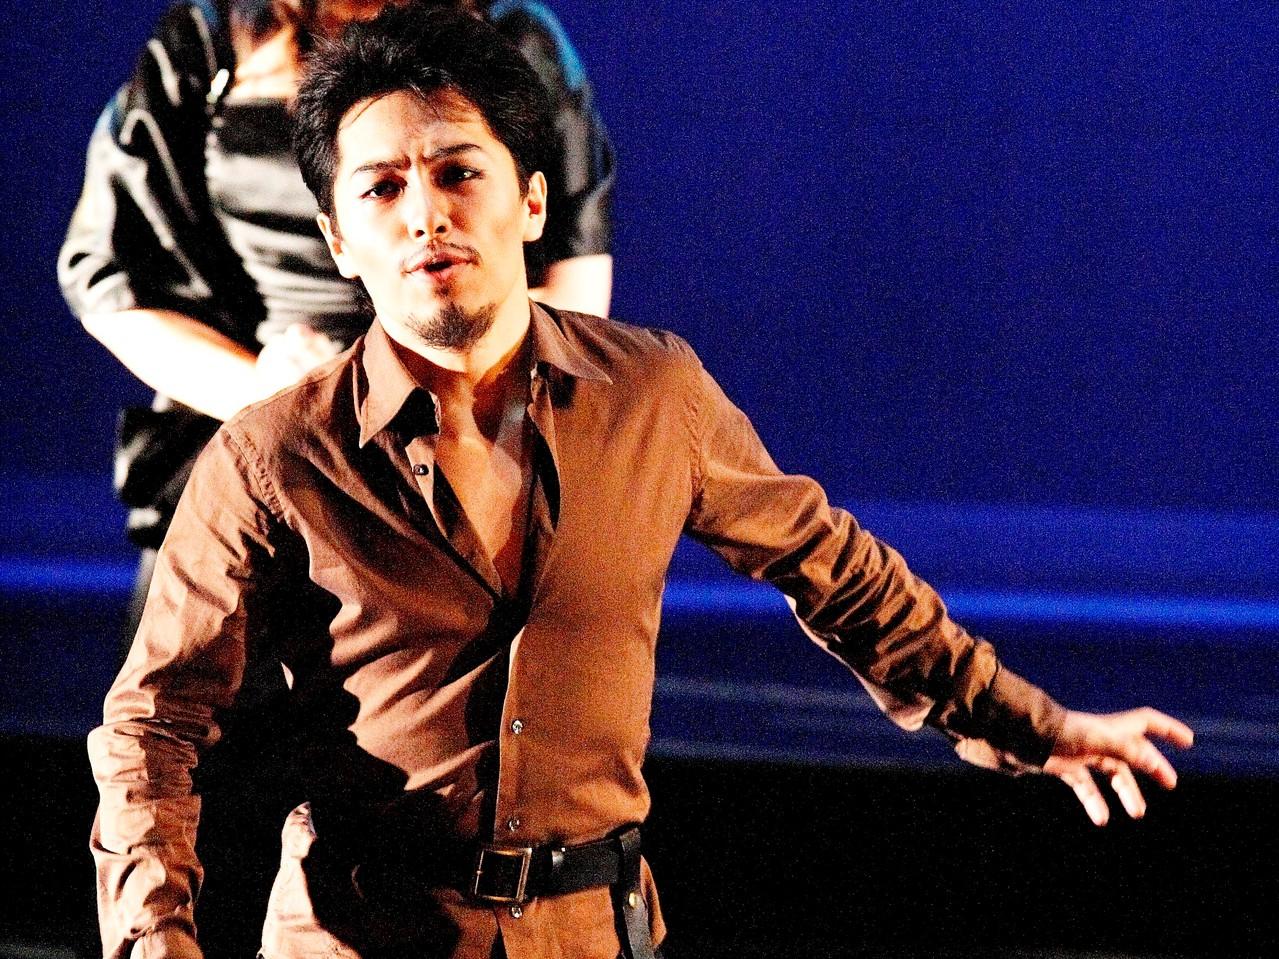 ヴェルディ「シモン・ボッカネグラ」 第一幕より @新国立劇場